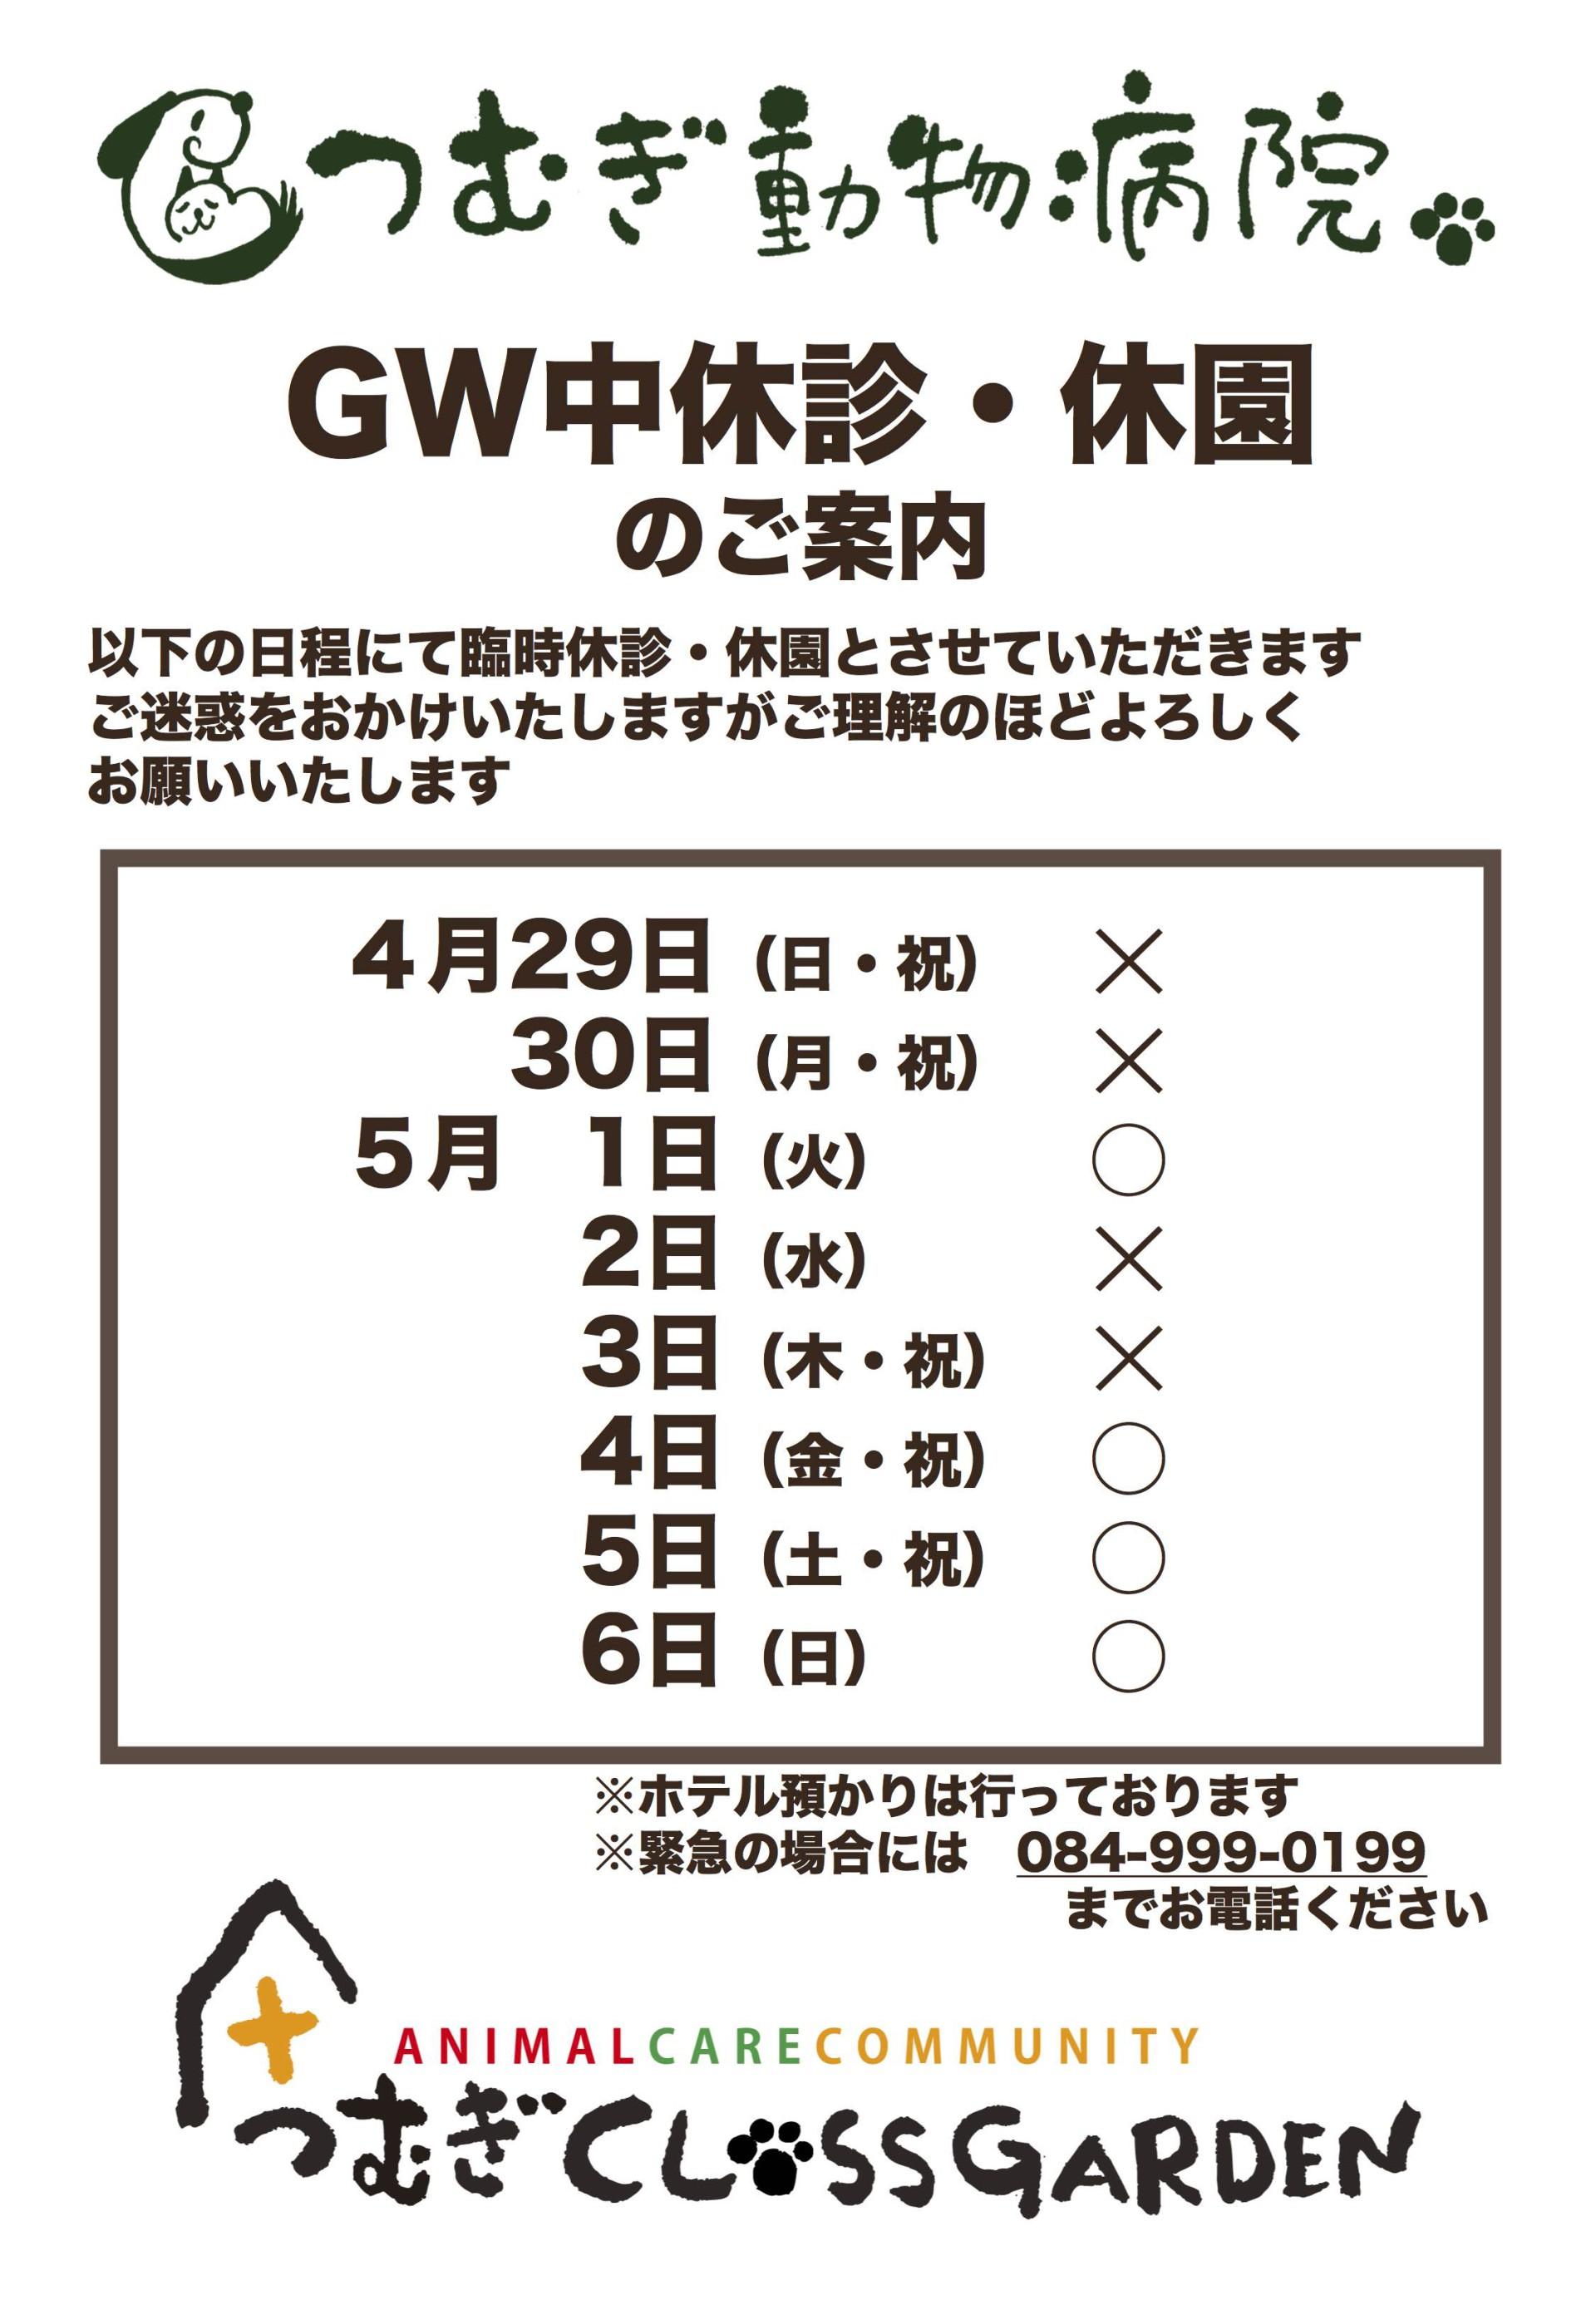 GW休診のご案内